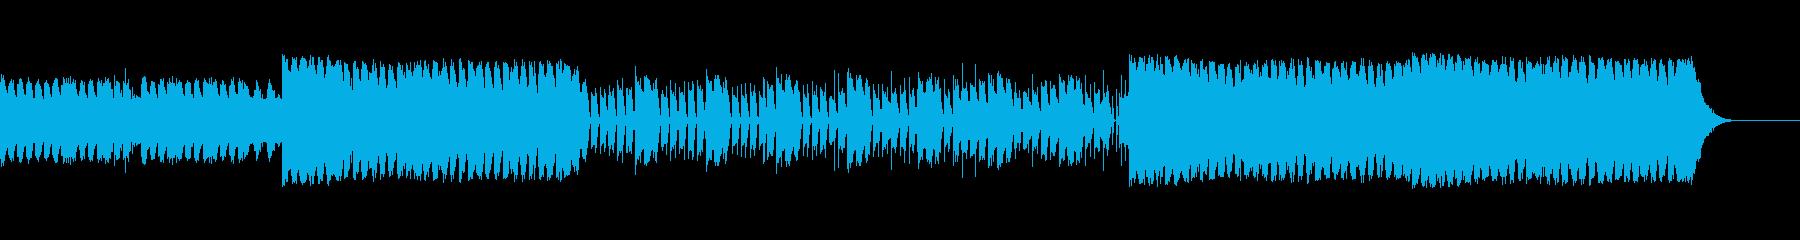 激しいスラップギターロックの再生済みの波形